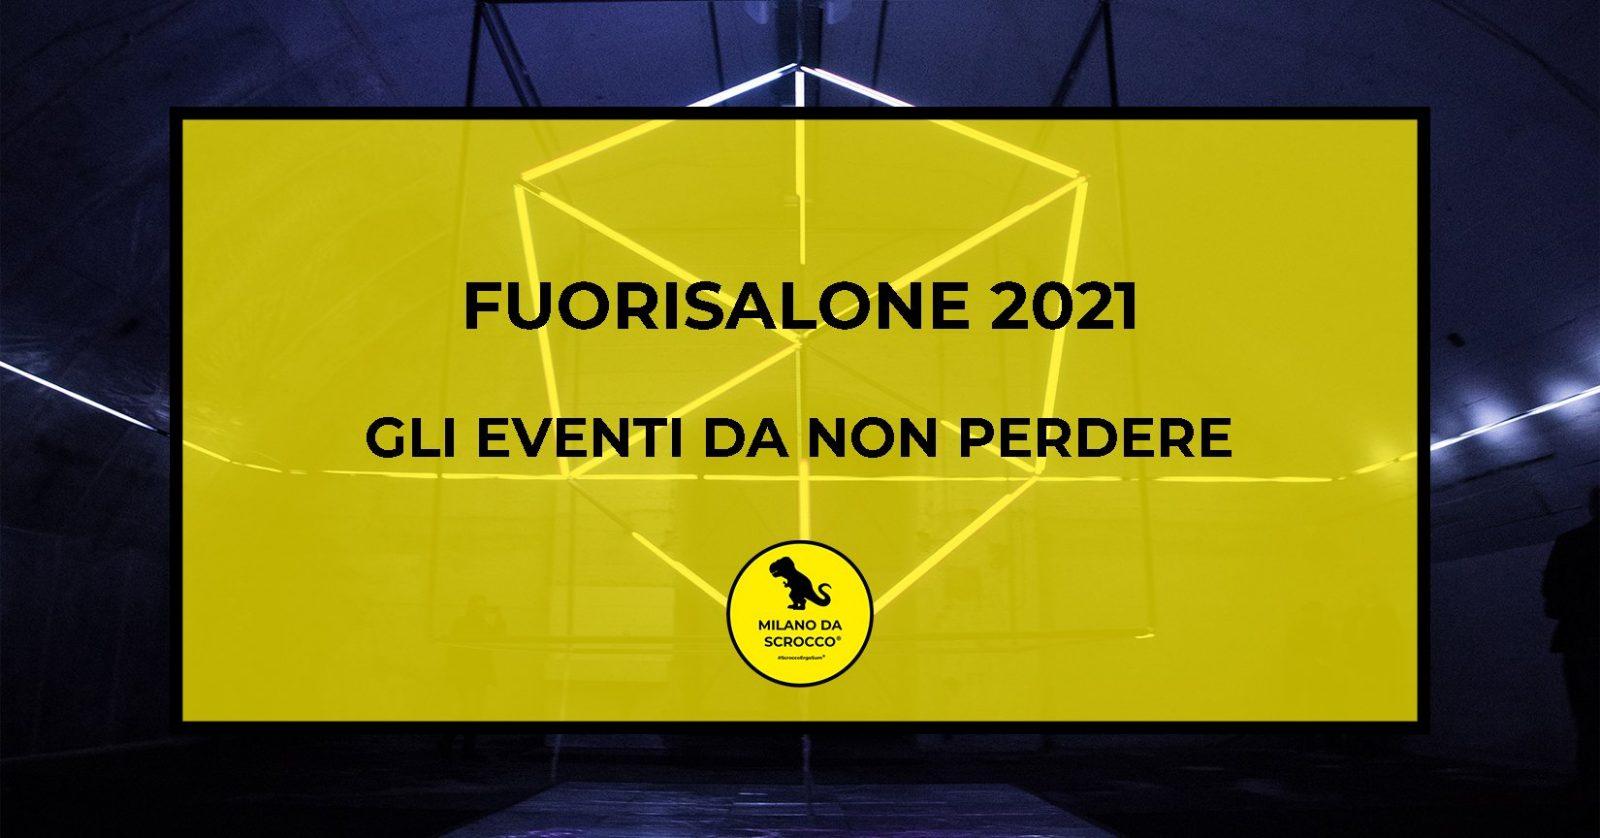 You are currently viewing Fuorisalone 2021: Gli eventi da non perdere by Milano da Scrocco